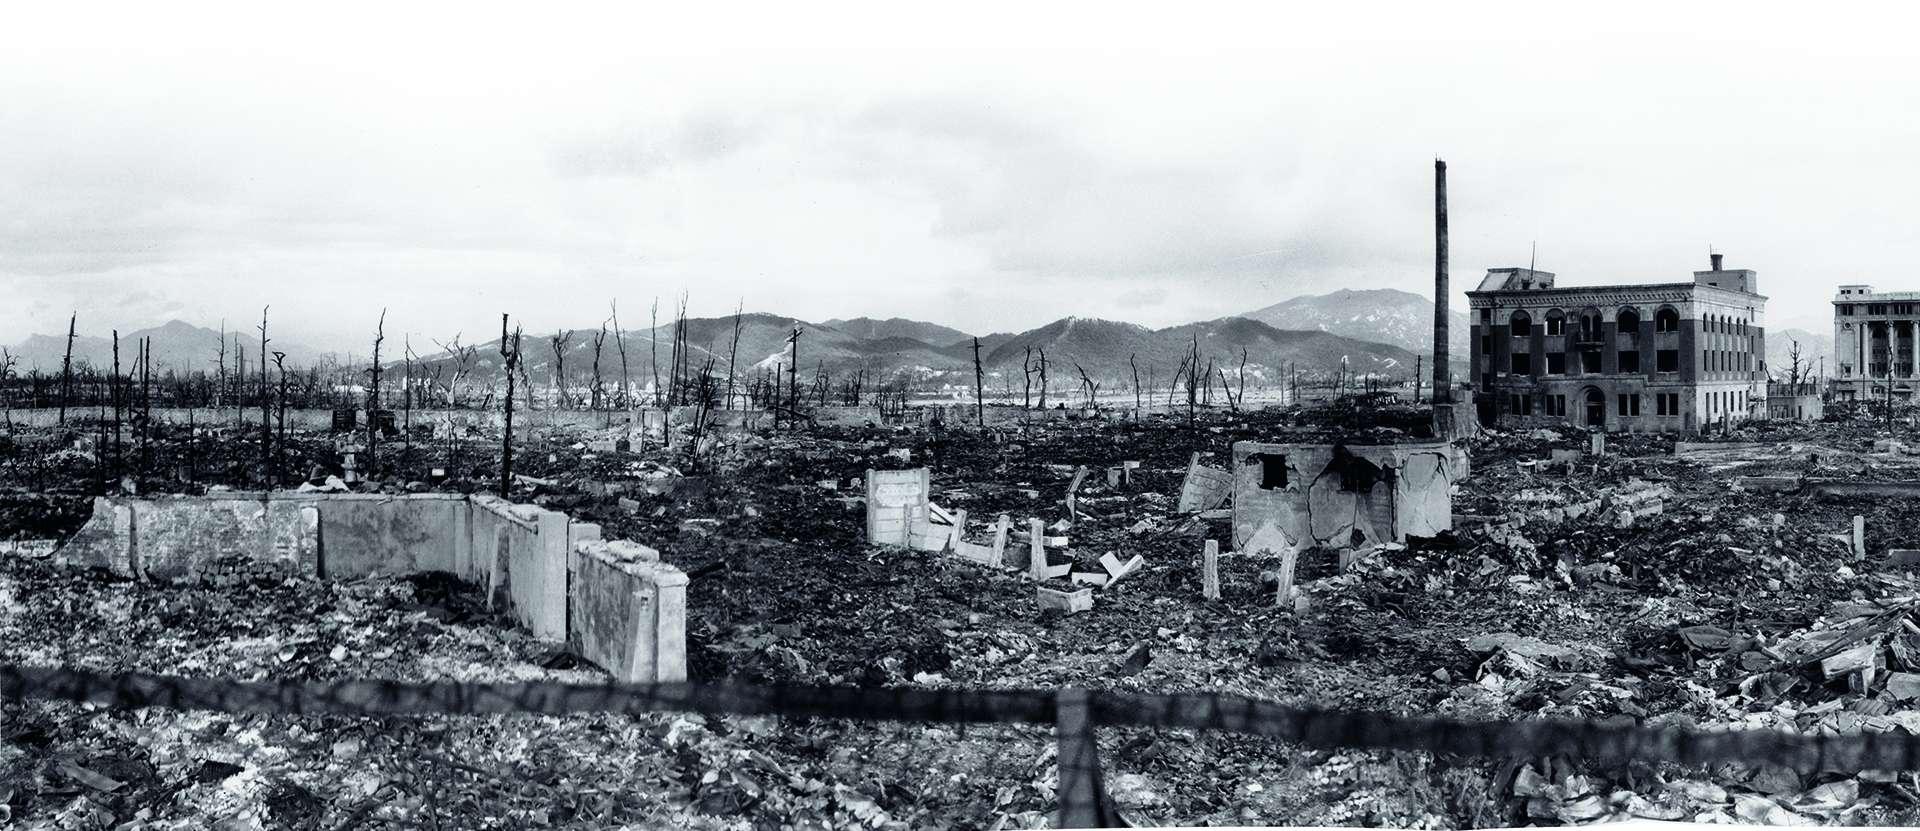 美軍在原爆數週後拍下的廣島全景影像,可看出損害的規模。產業獎勵館有著圓頂的結構在本篇最後一頁。這棟建築今日仍在,象徵原子彈造成的毀滅。PHOTO: COURTESY HIROSHIMA PEACE MEMORIAL MUSEUM (10-FRAME PANORAMA DIGITALLY STITCHED BY ARI BESER)